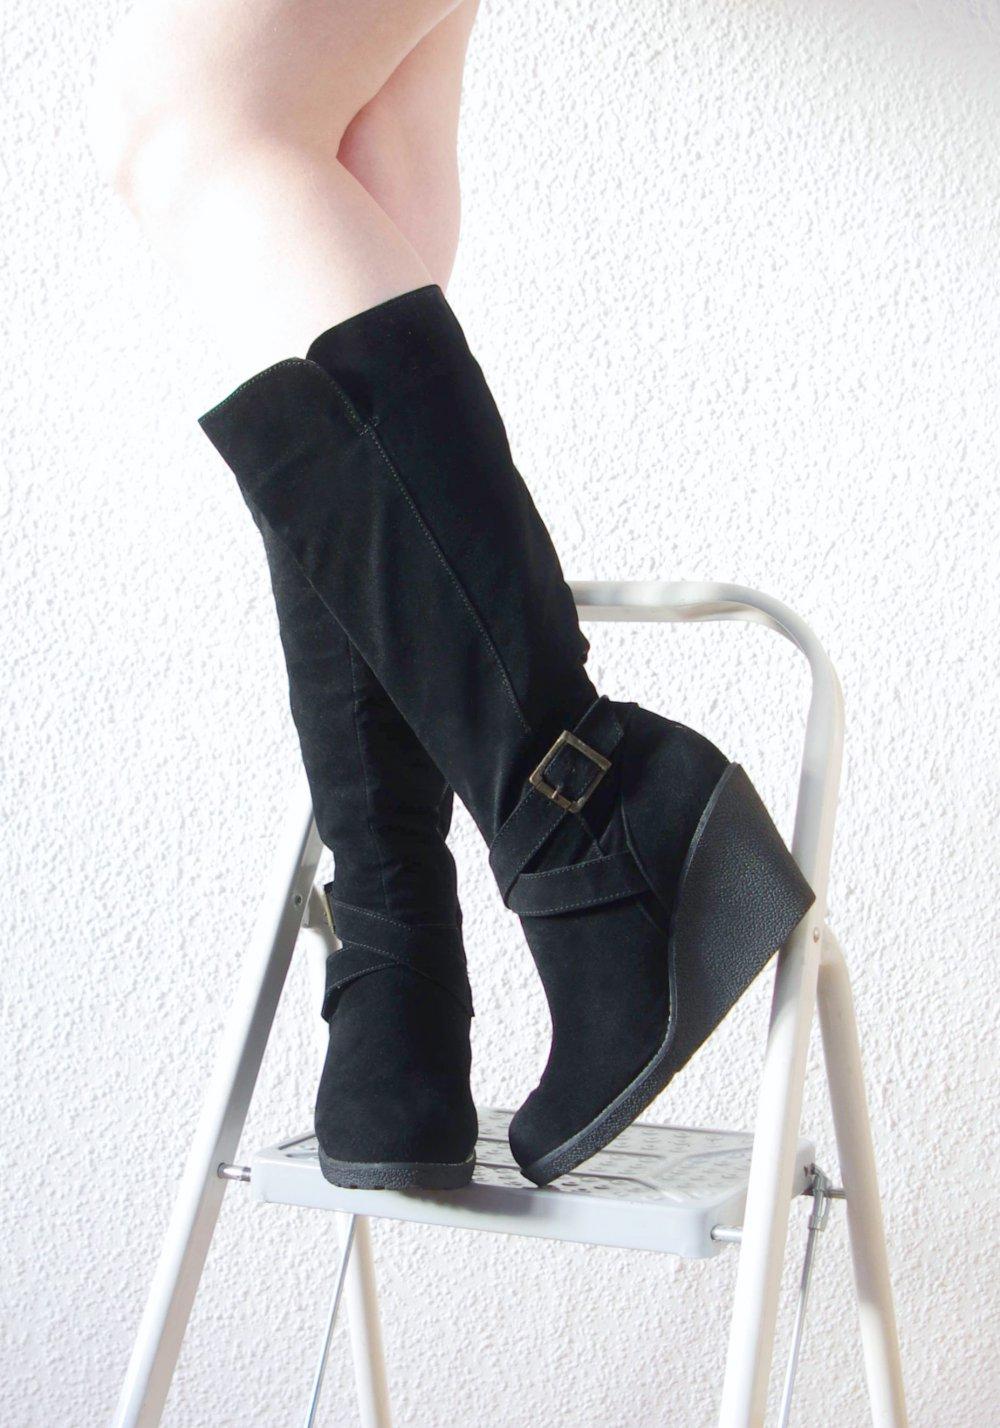 Elegante Plateau Stiefel Gr. 42 41,5 Wedge Keilabsatz Schnallen Gothic Boots